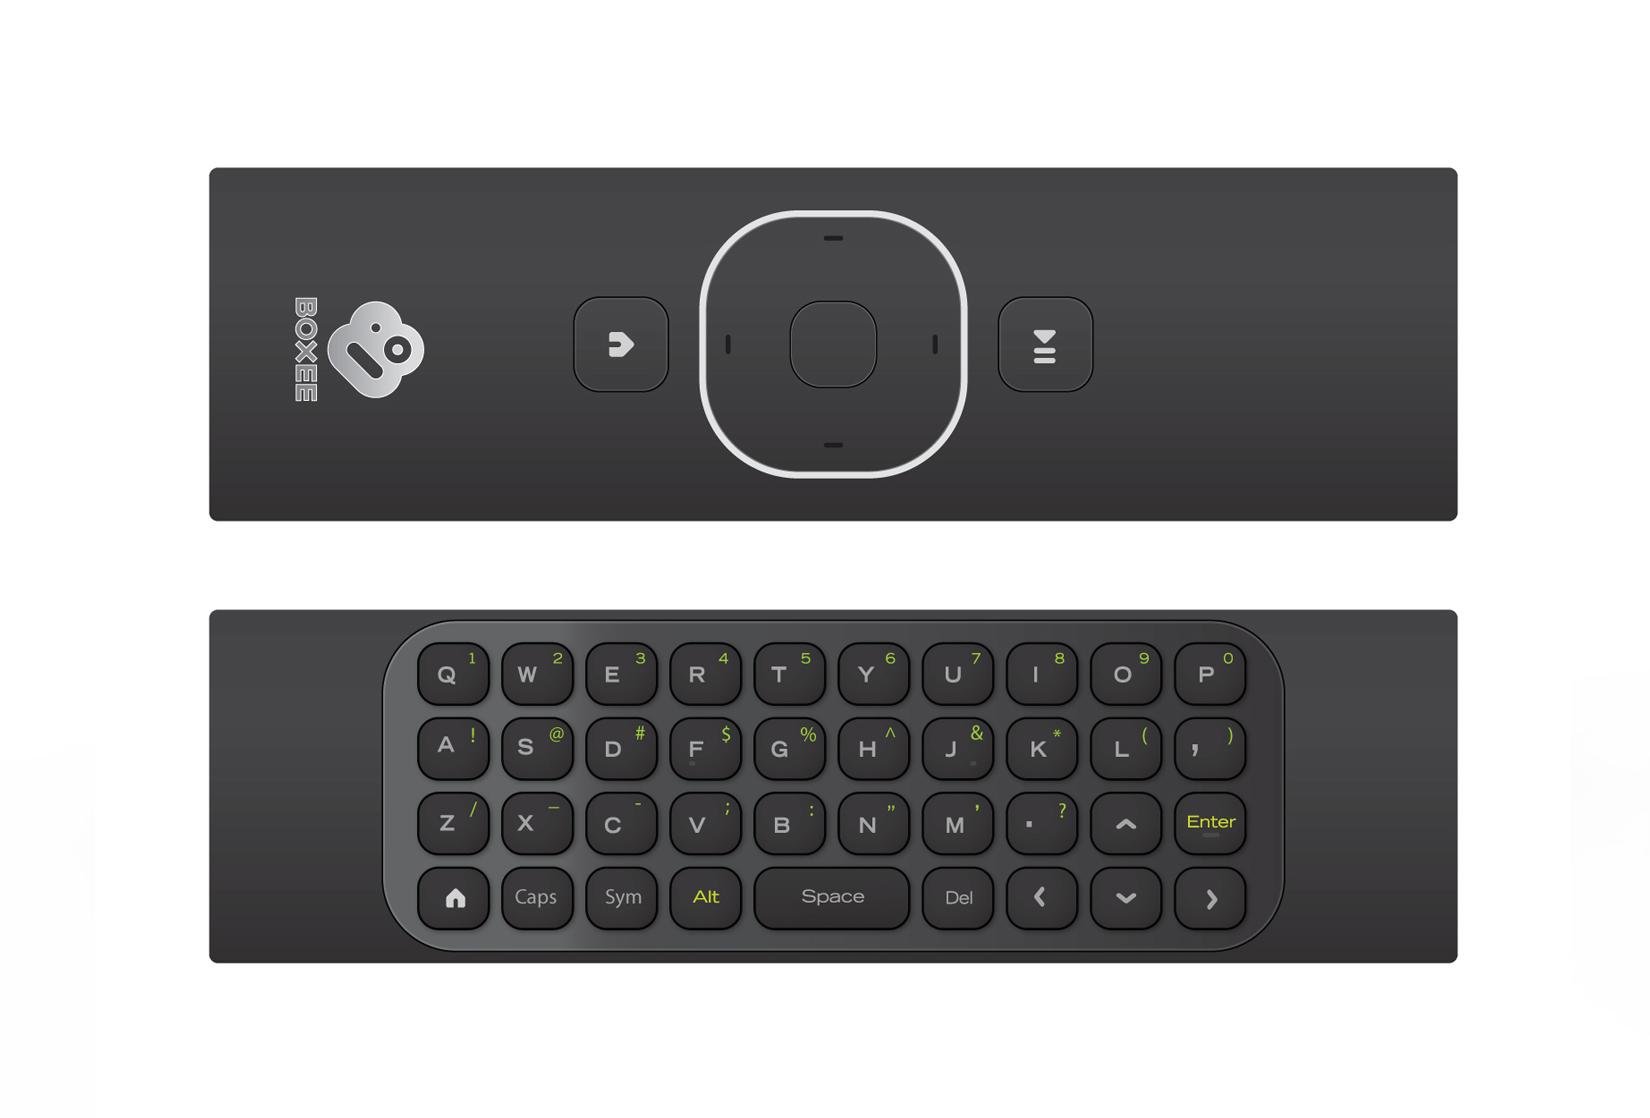 Bezprzewodowy pilot/klawiatura Boxee od D-Linka dla komputer�w Mac i Windows